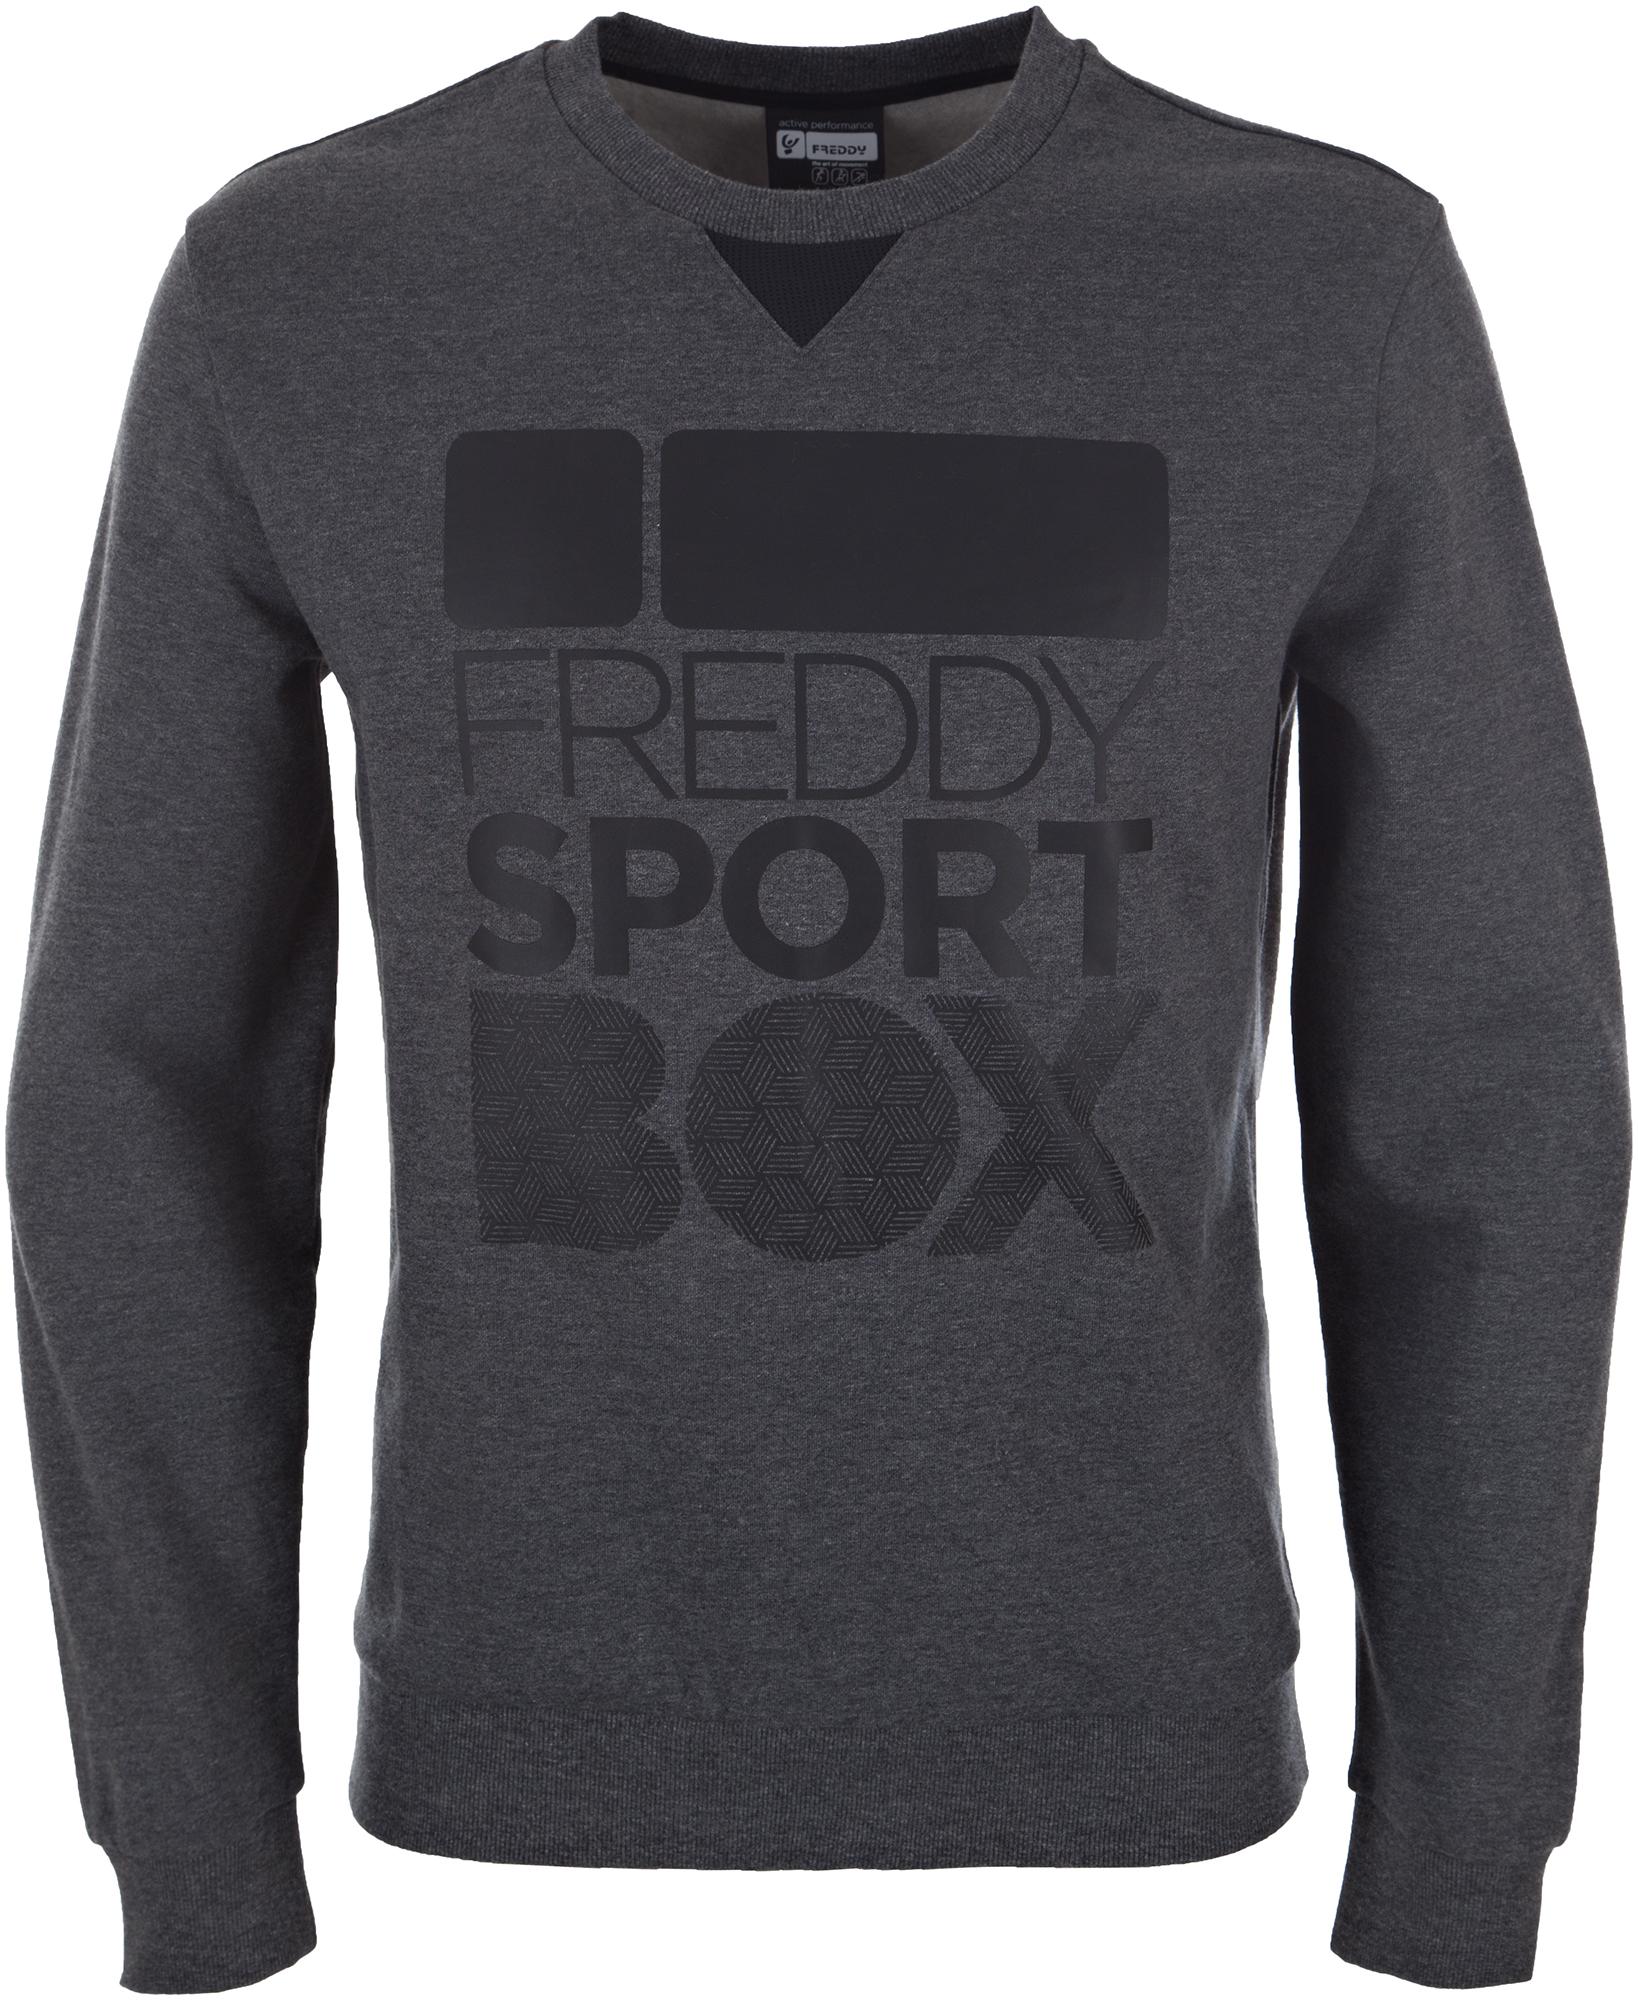 Freddy Джемпер мужской Freddy, размер 52-54 цены онлайн